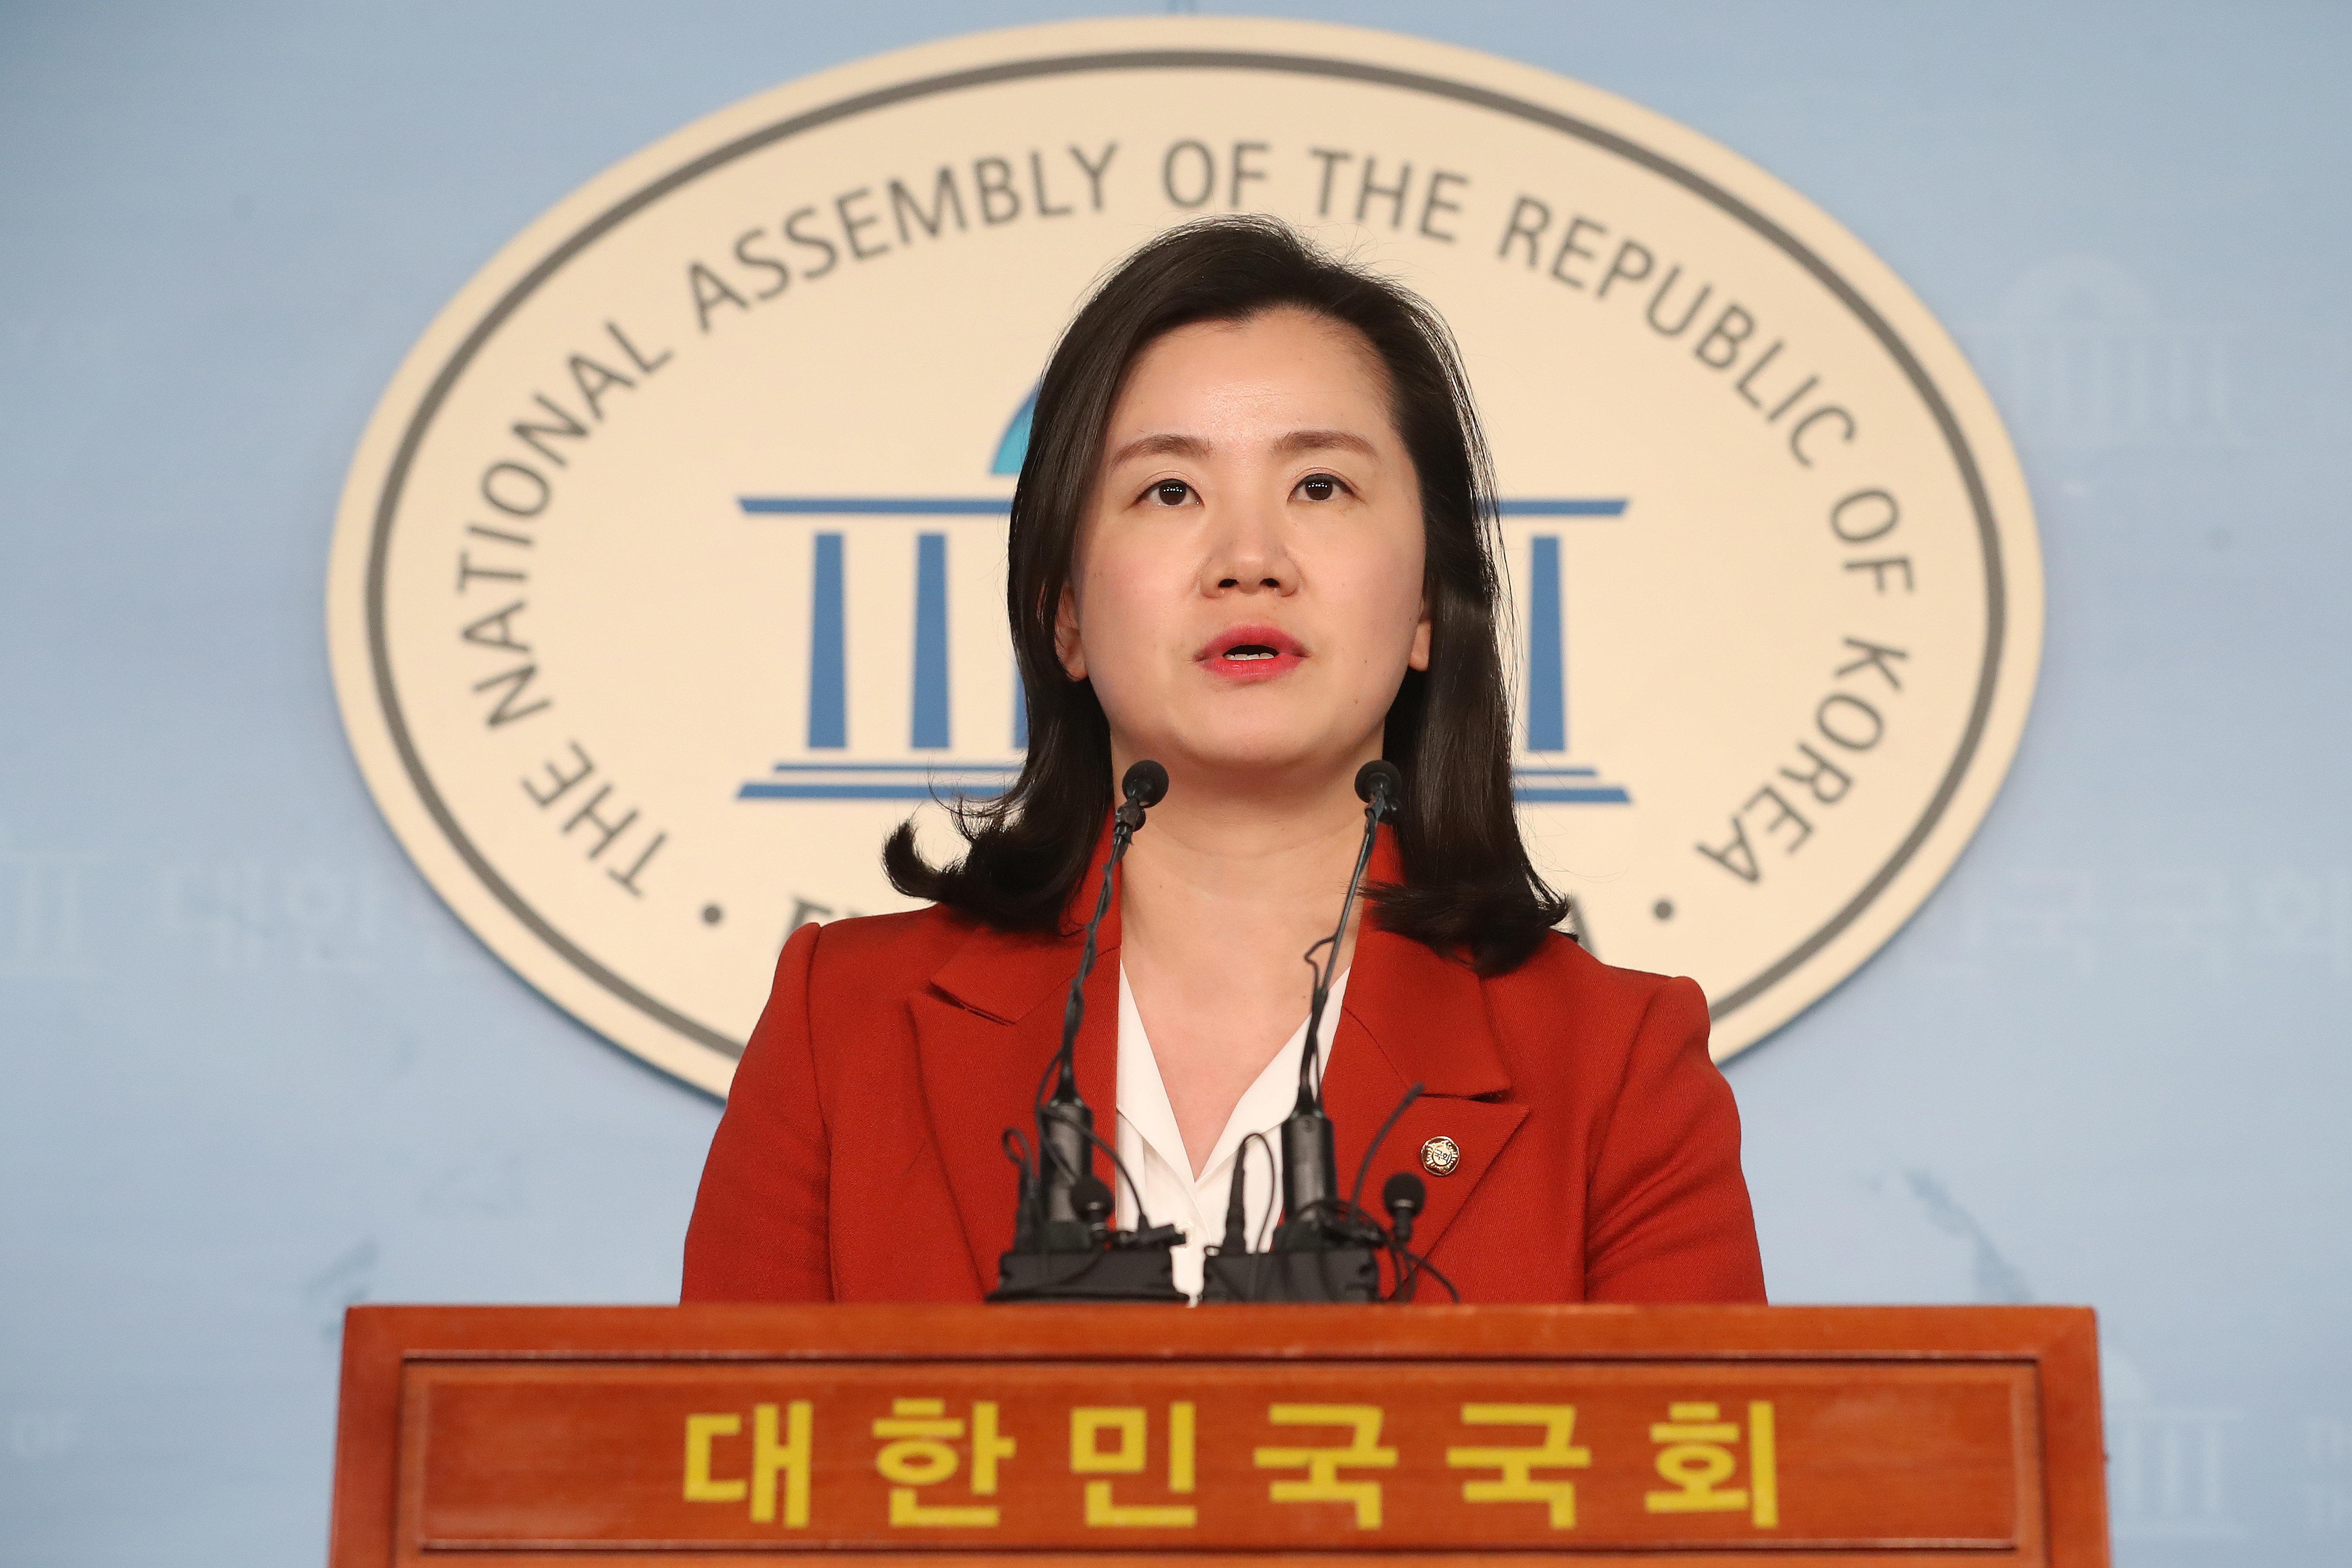 신보라 의원의 '아기 동반 본회의 출석'이